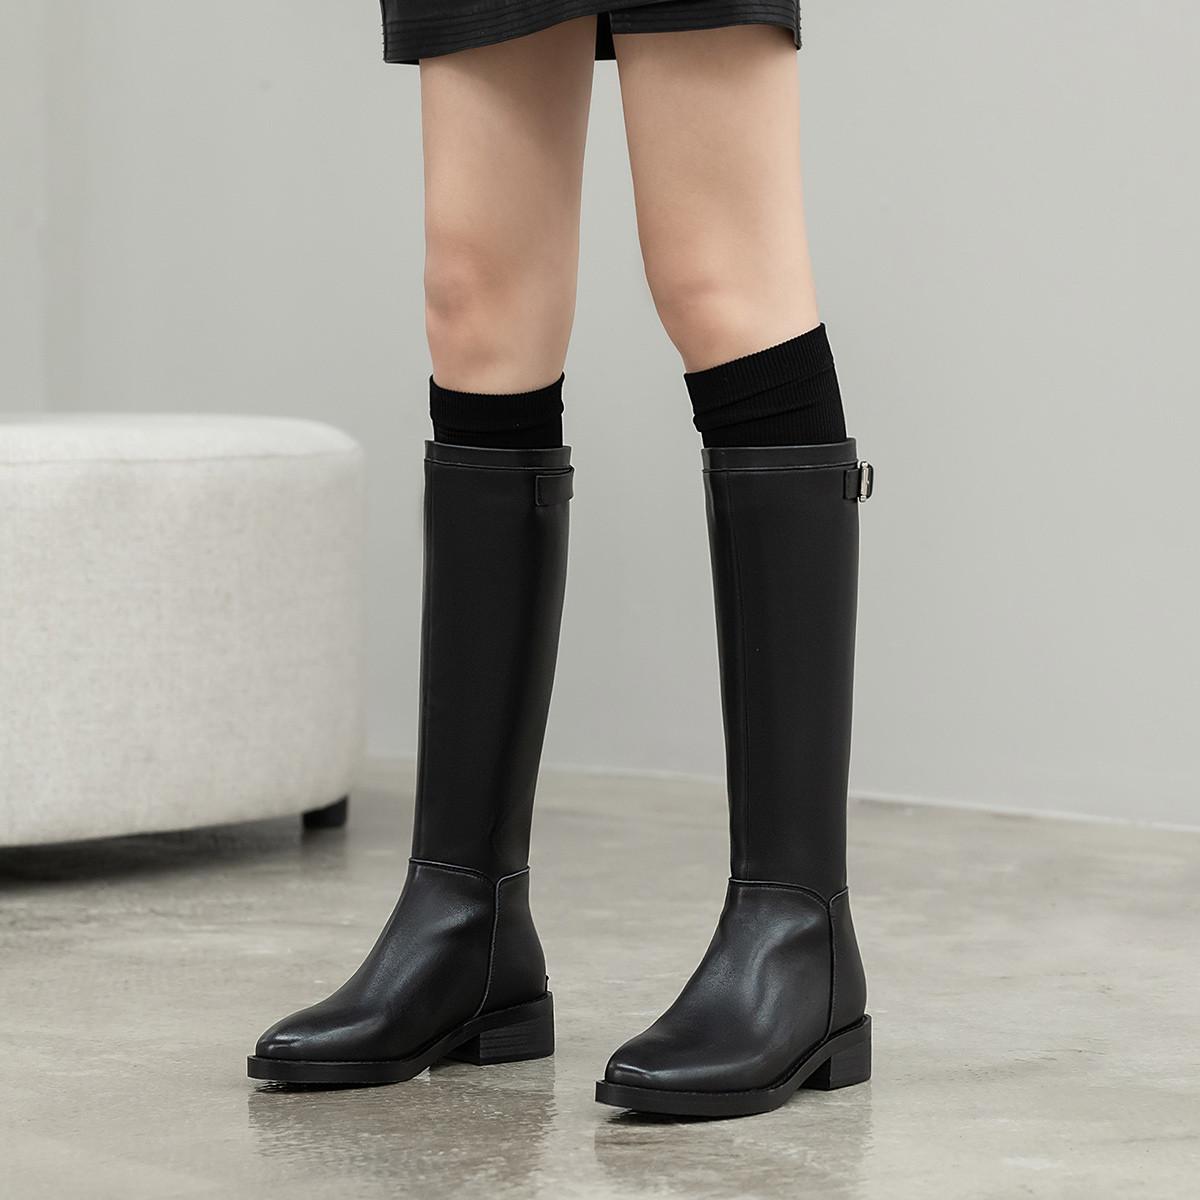 艾米娜【专柜同款】艾米娜头层牛皮长靴女靴马丁靴女士长筒高筒靴女鞋冬A9673902